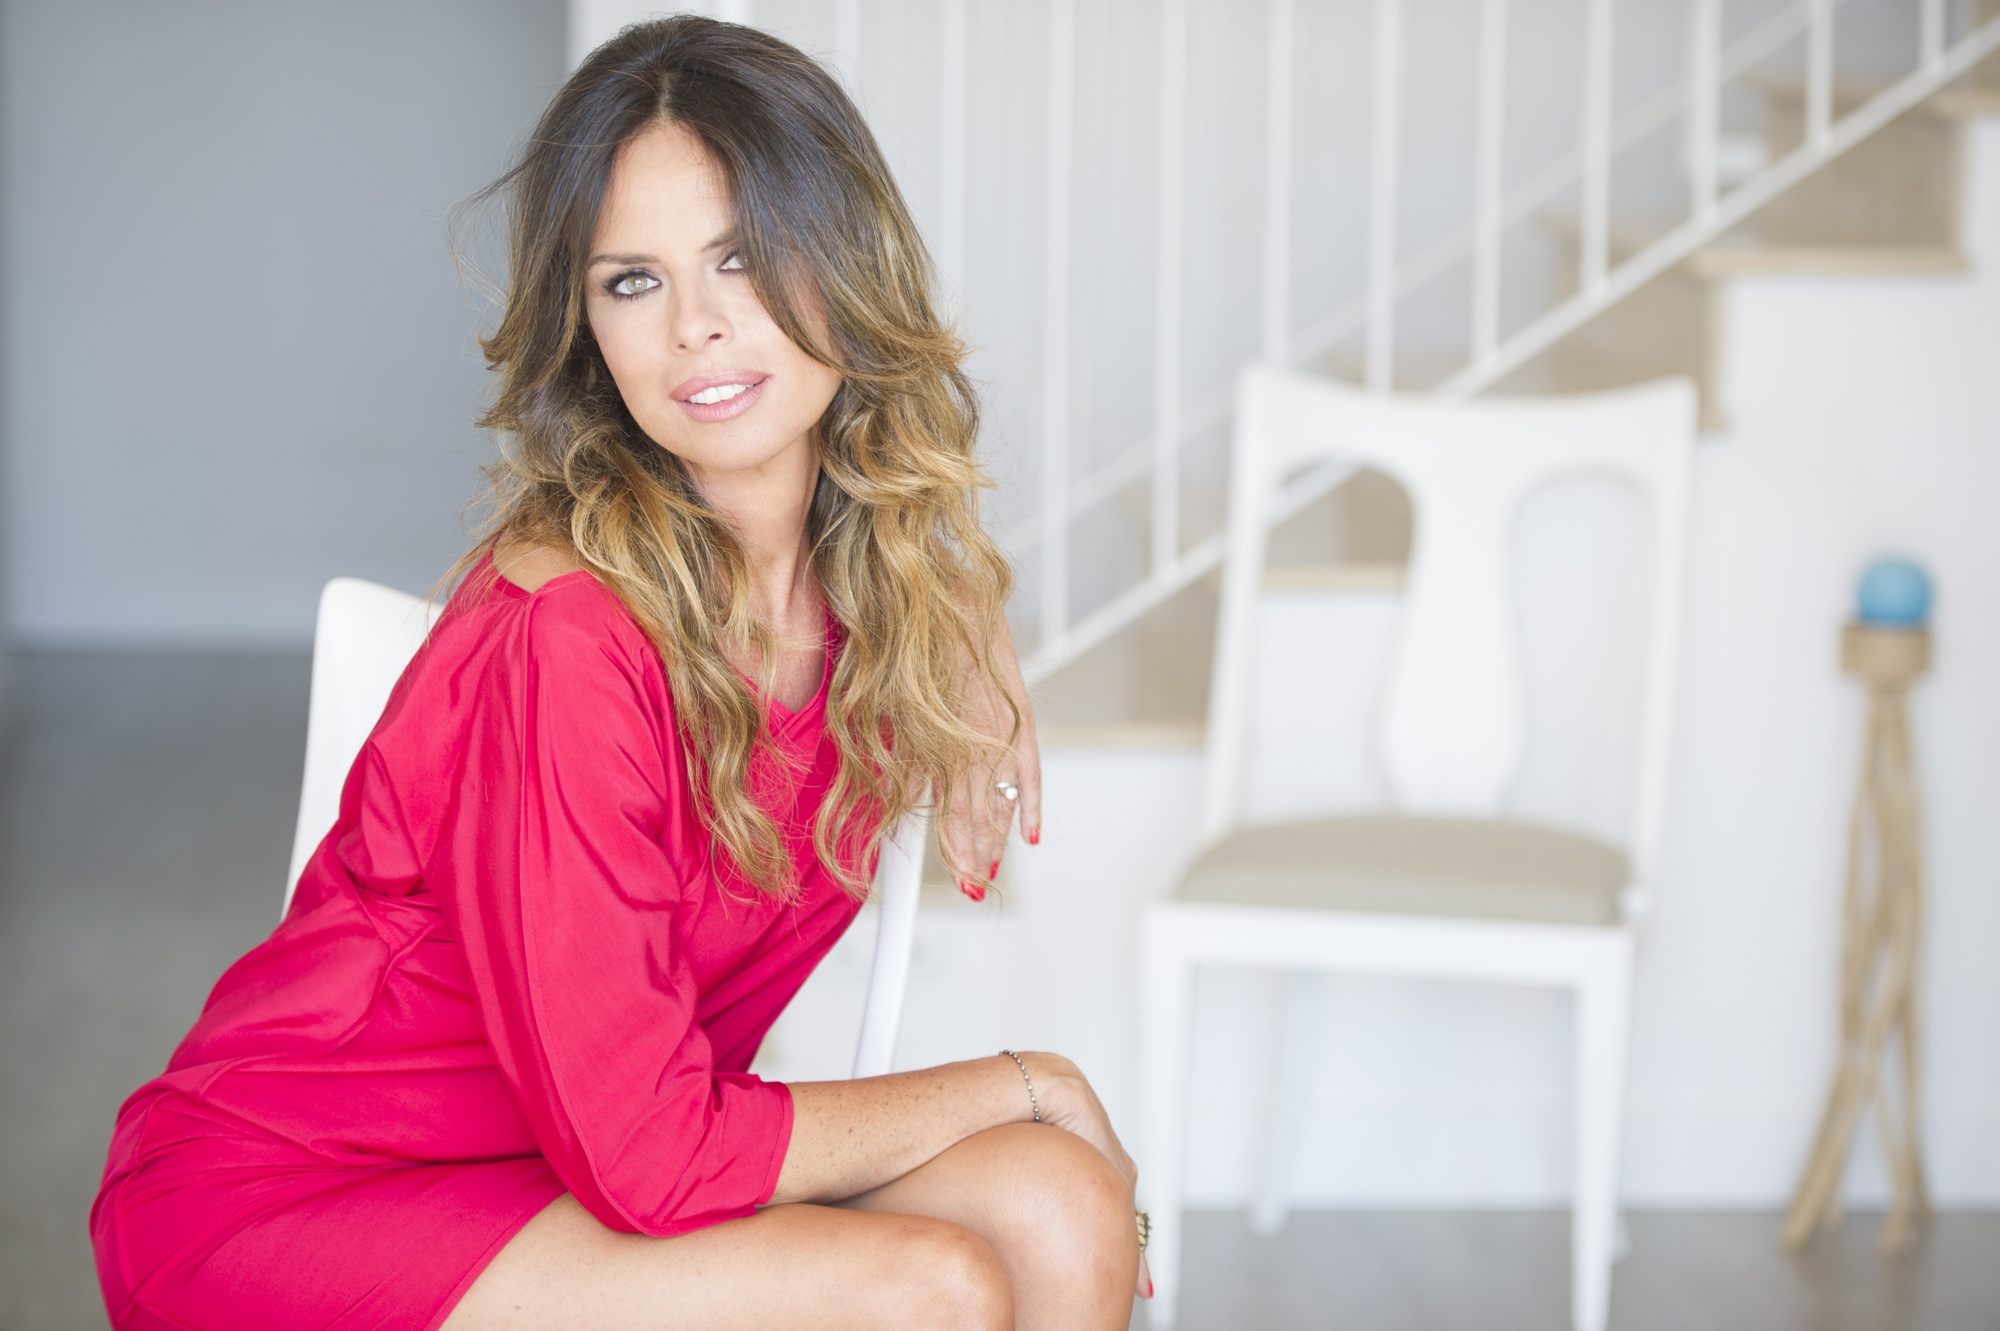 Paola Perego torna in Rai la prossima stagione televisiva: ecco l'annuncio su Twitter